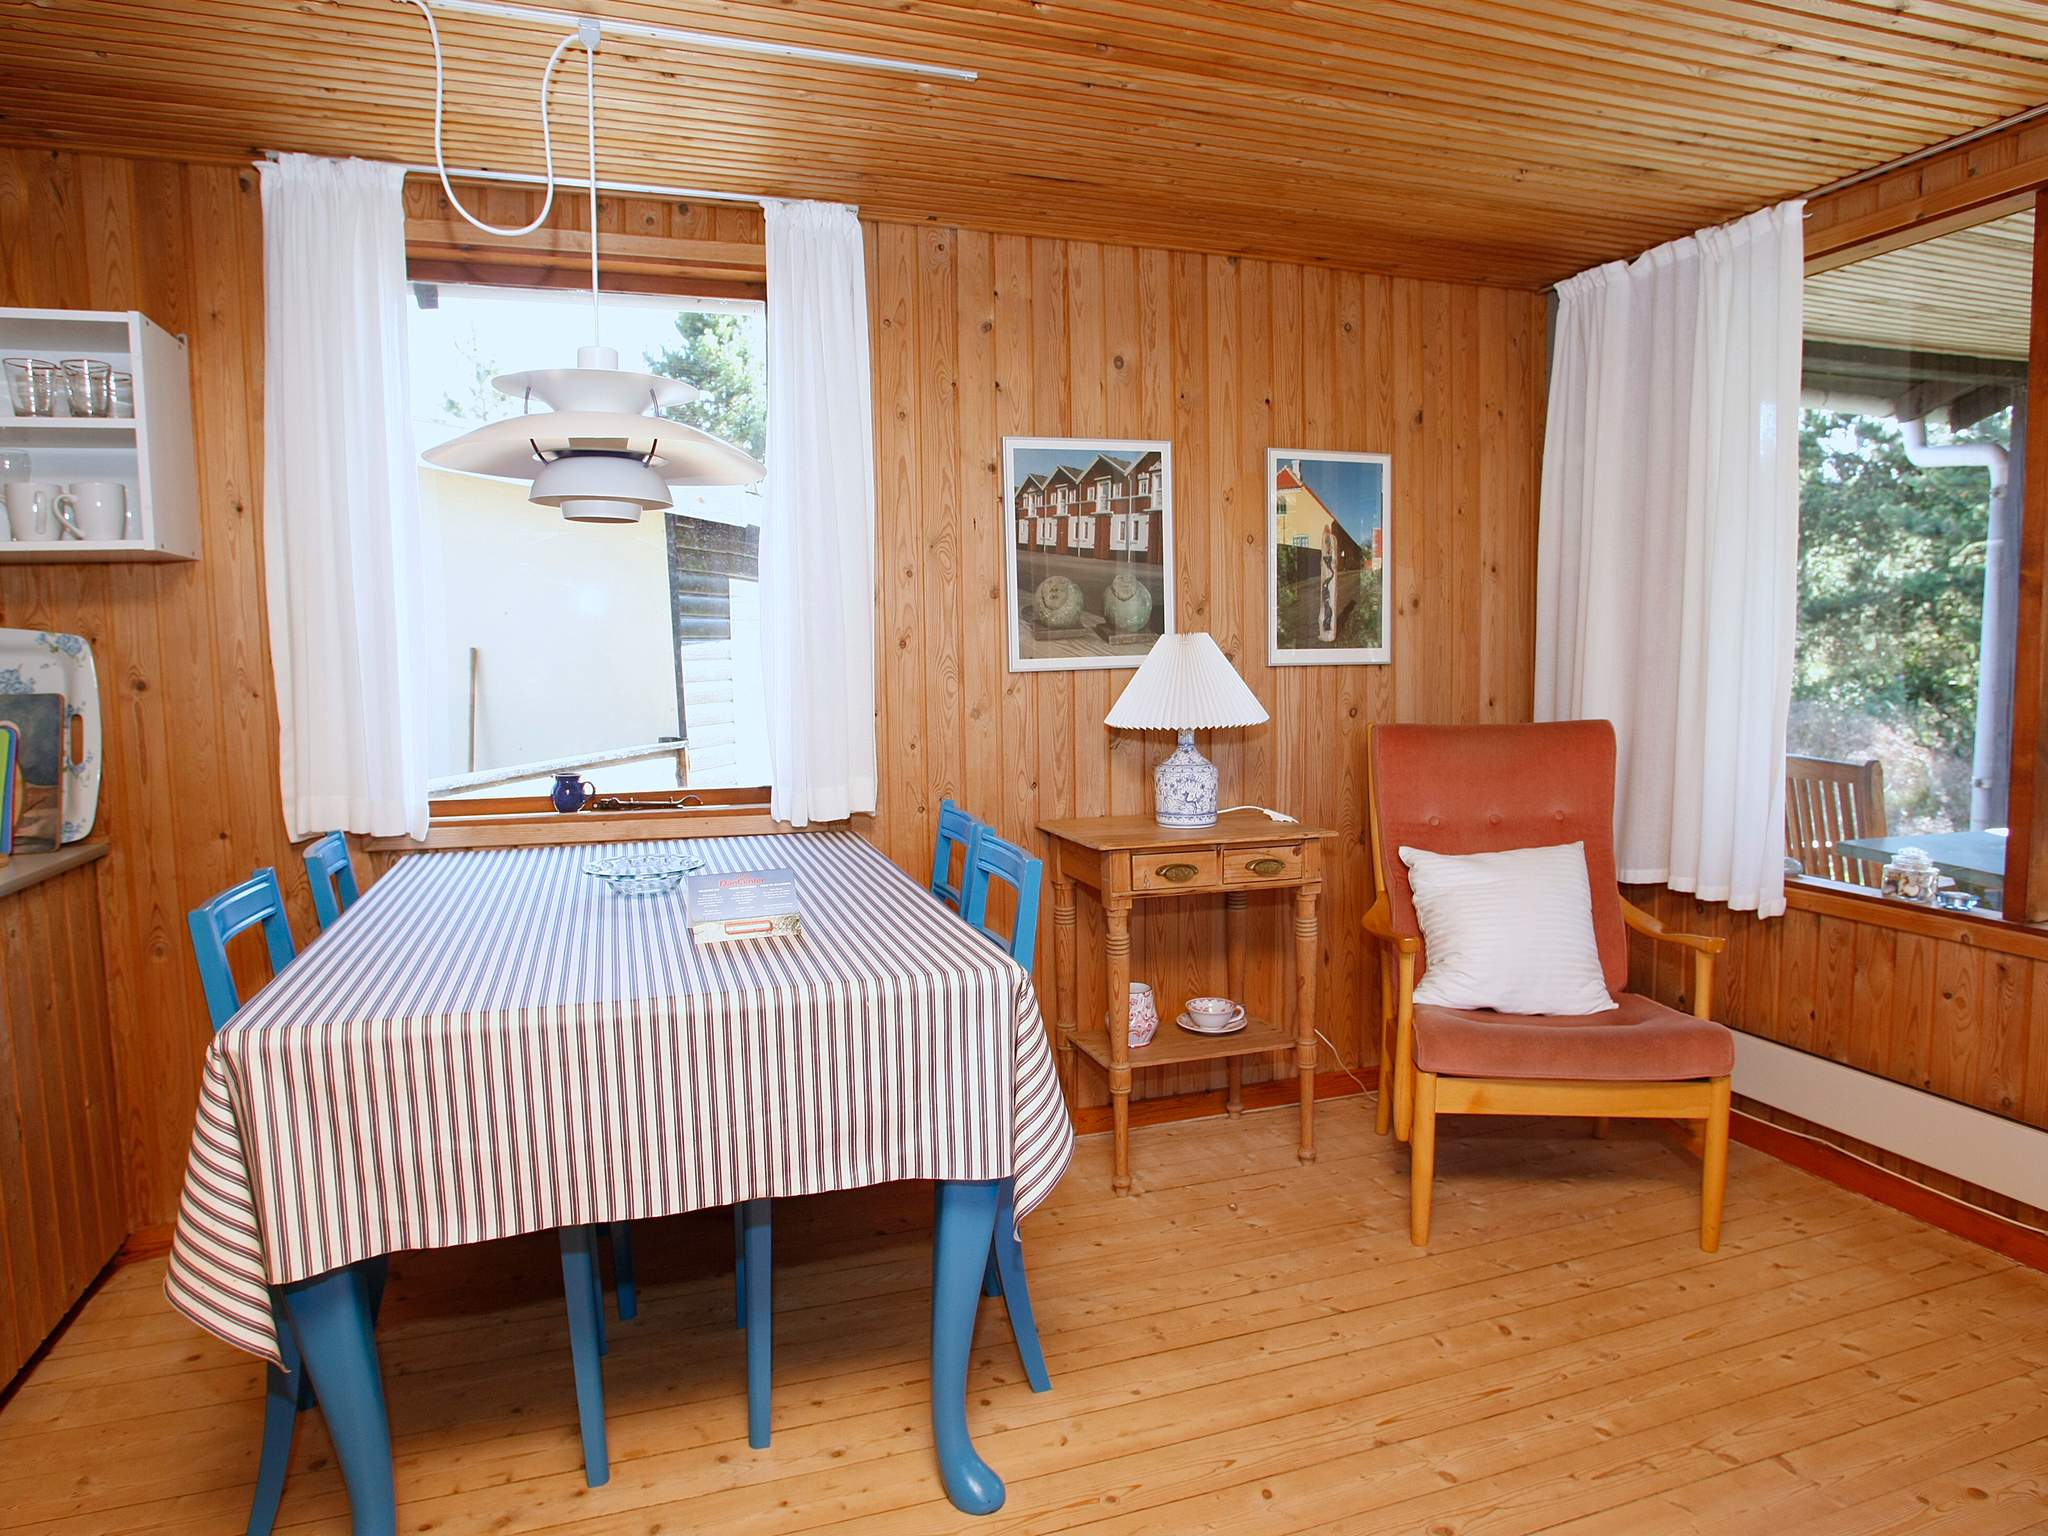 Ferienhaus Ålbæk (88171), Ålbæk, , Nordostjütland, Dänemark, Bild 3